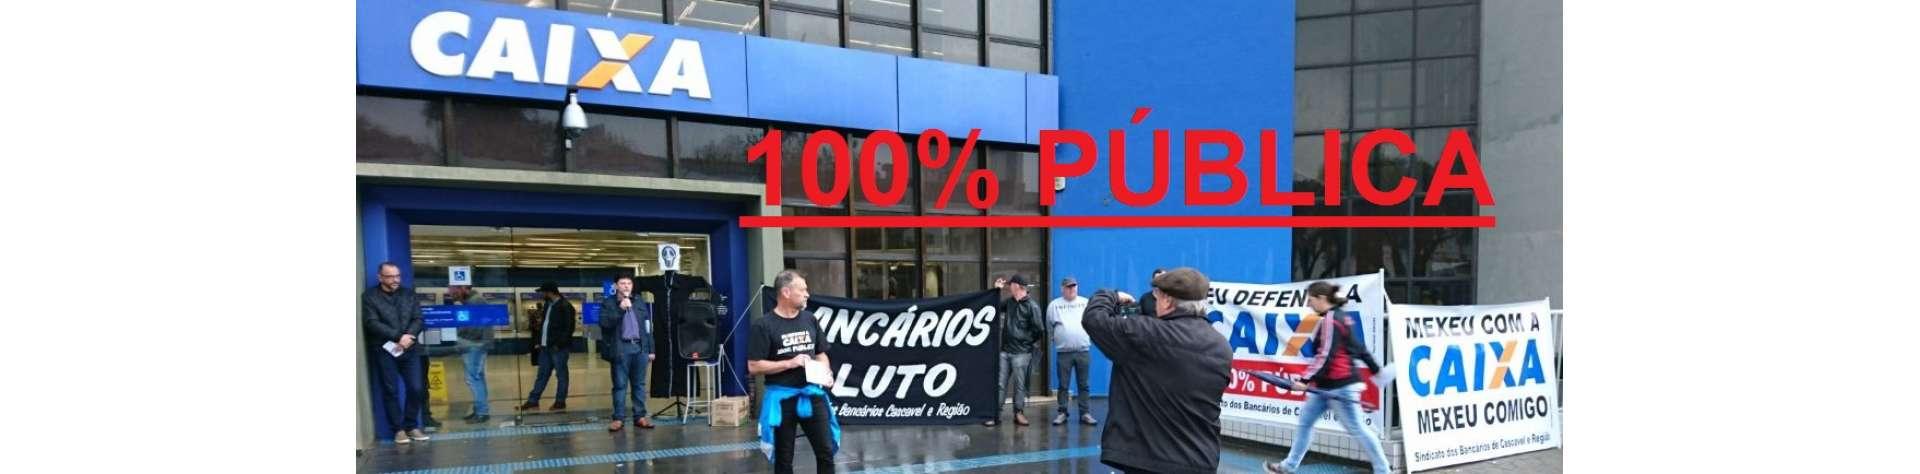 CAIXA 1005 PÚBLICA